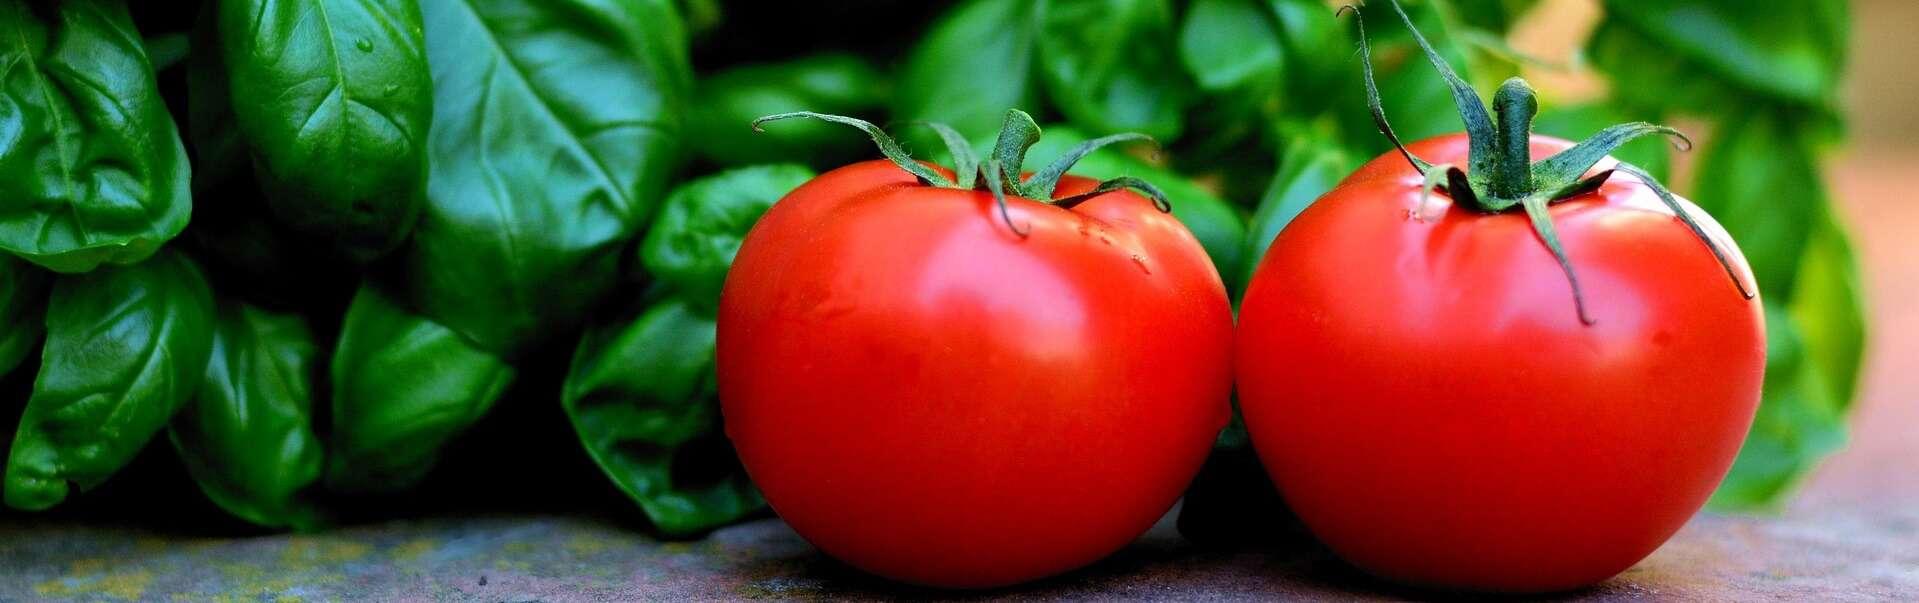 עגבניות ובזיליקום בגינת ירק בגינת המרפסת